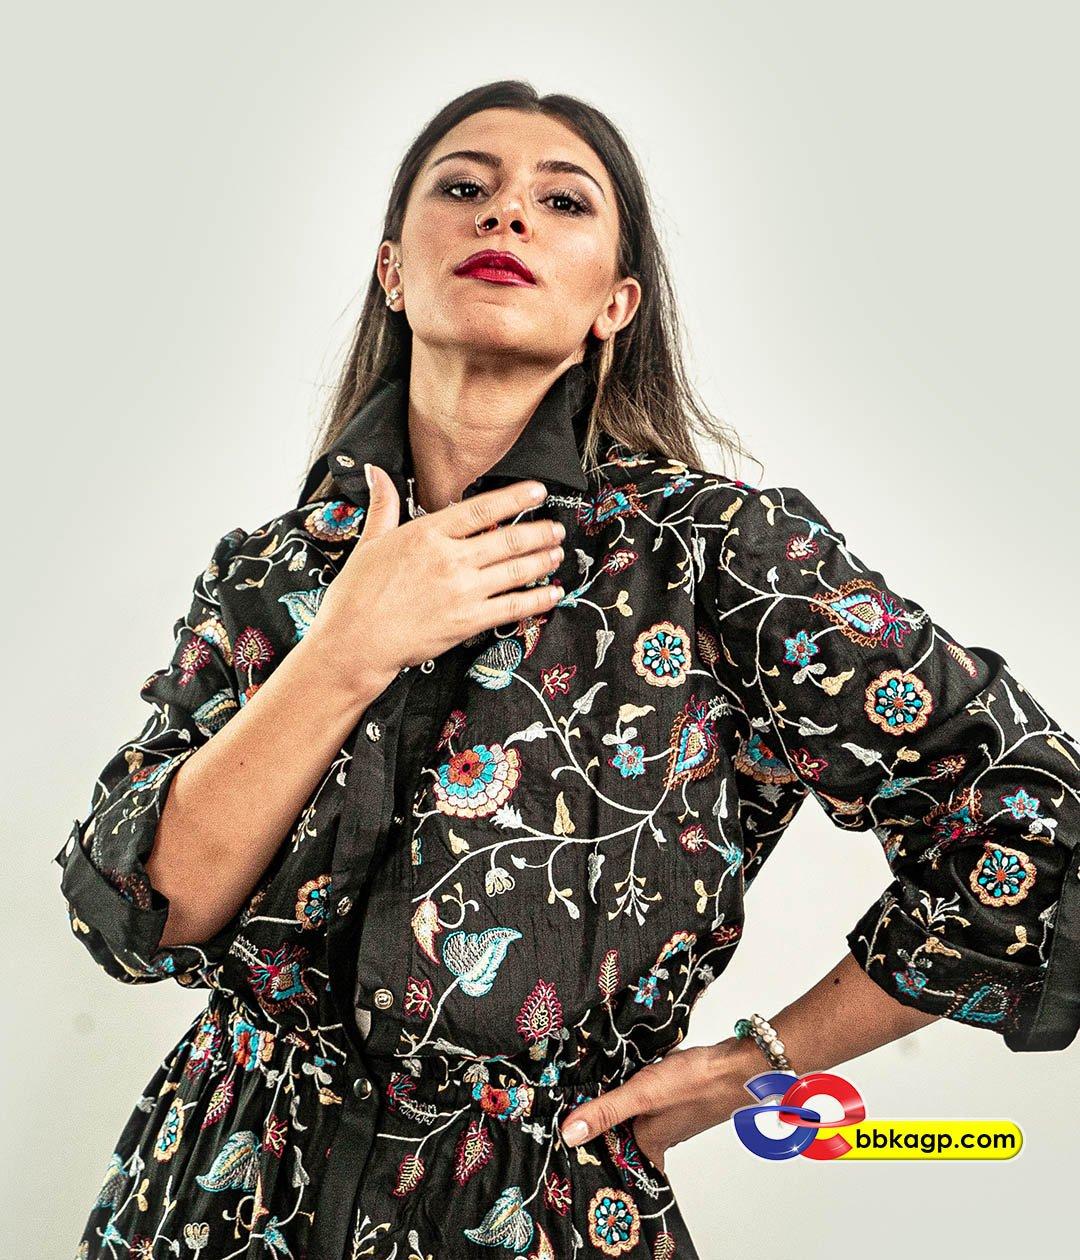 türkiyede moda fotoğrafı (8)